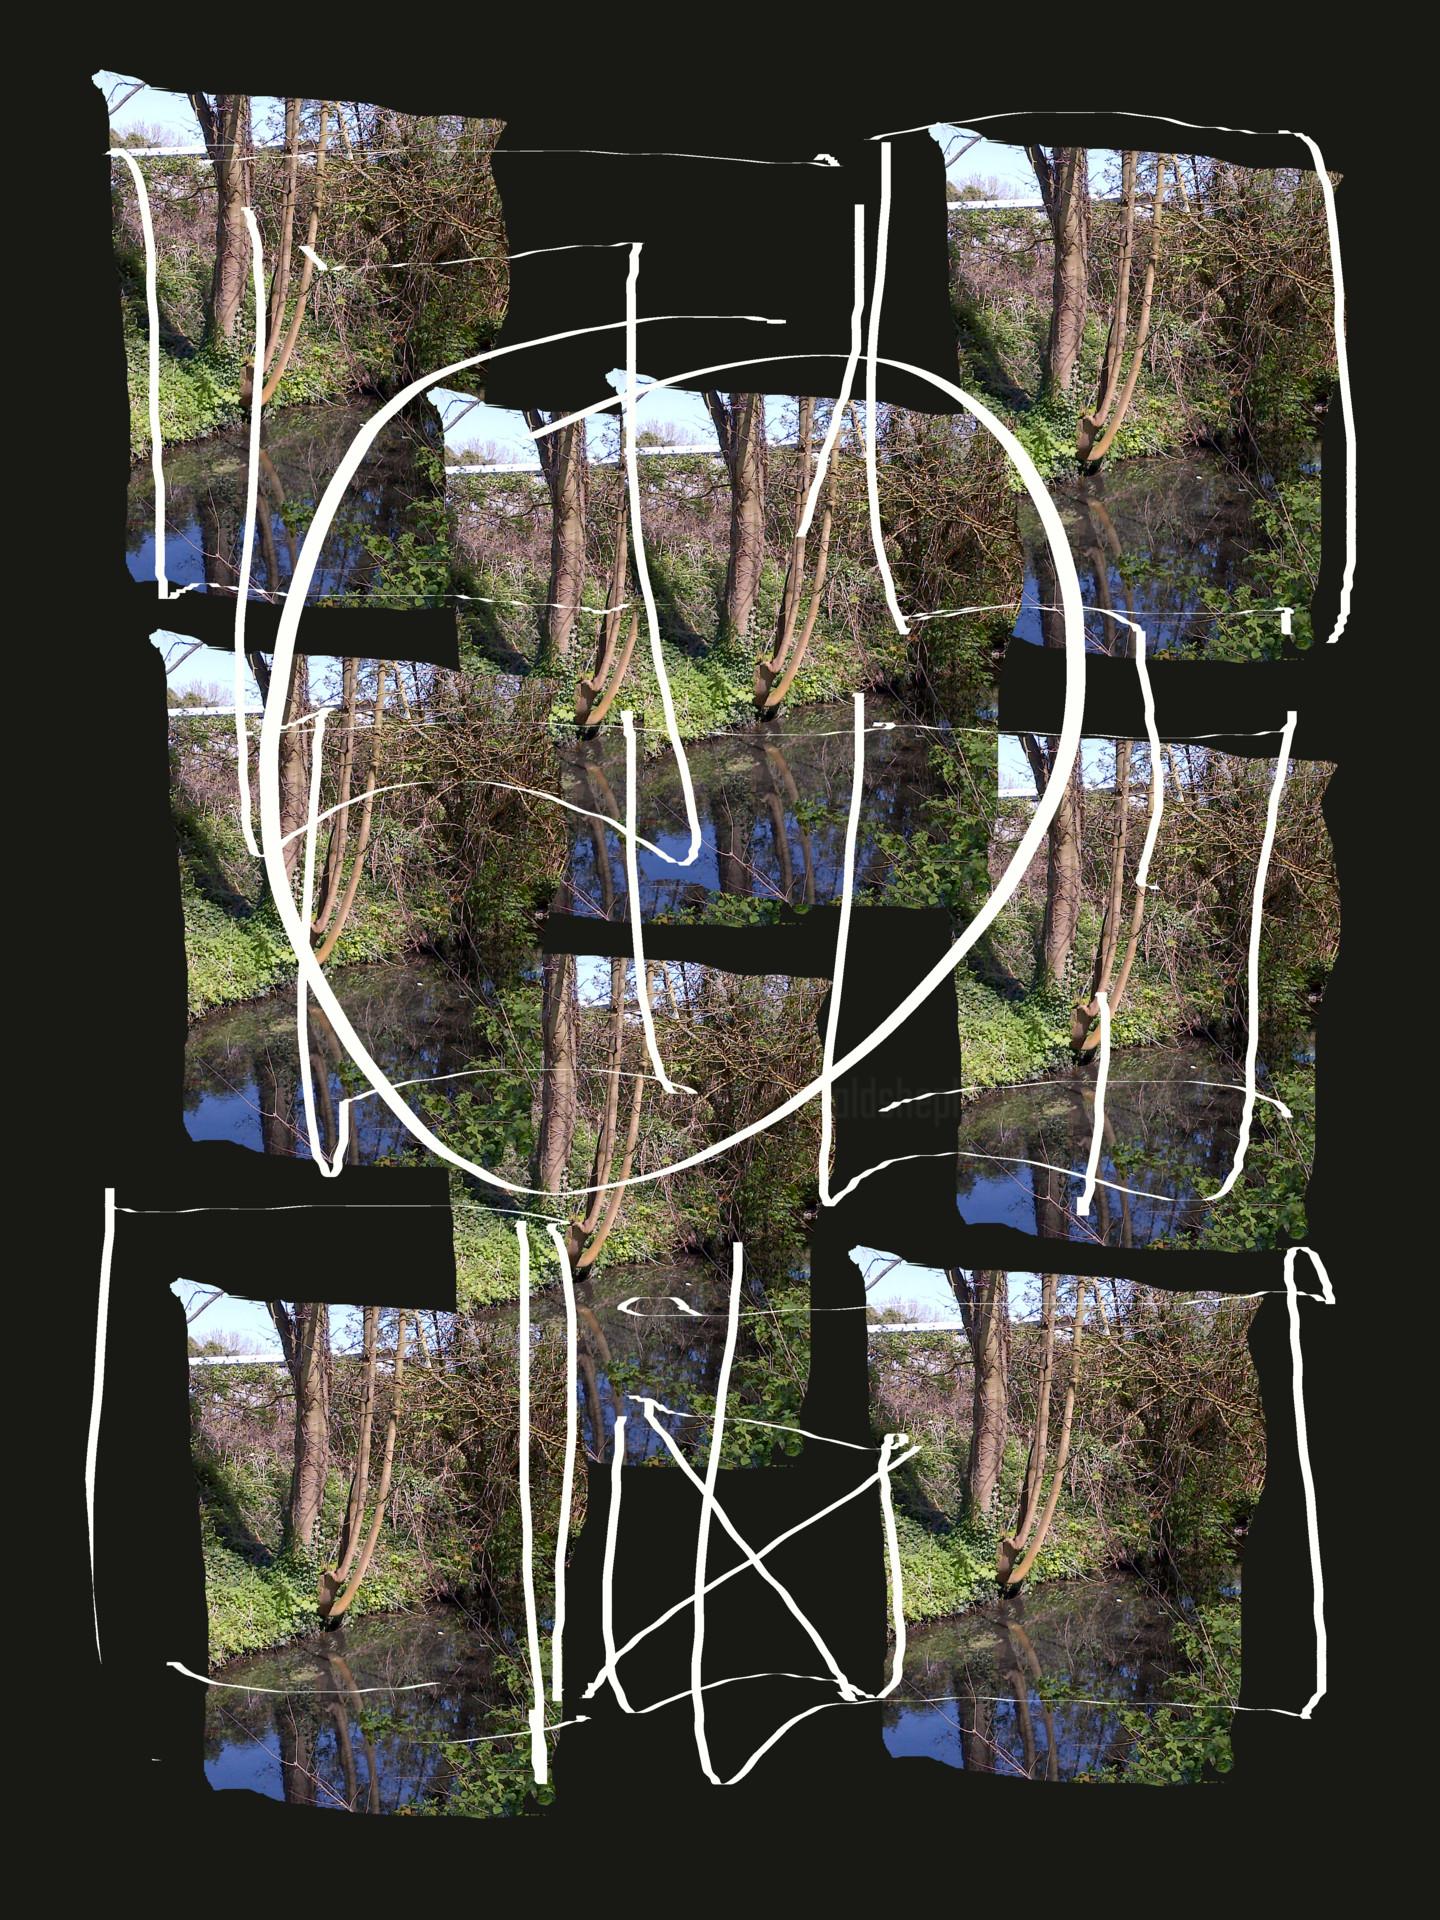 Gerald Shepherd - Reflected Tree Focus